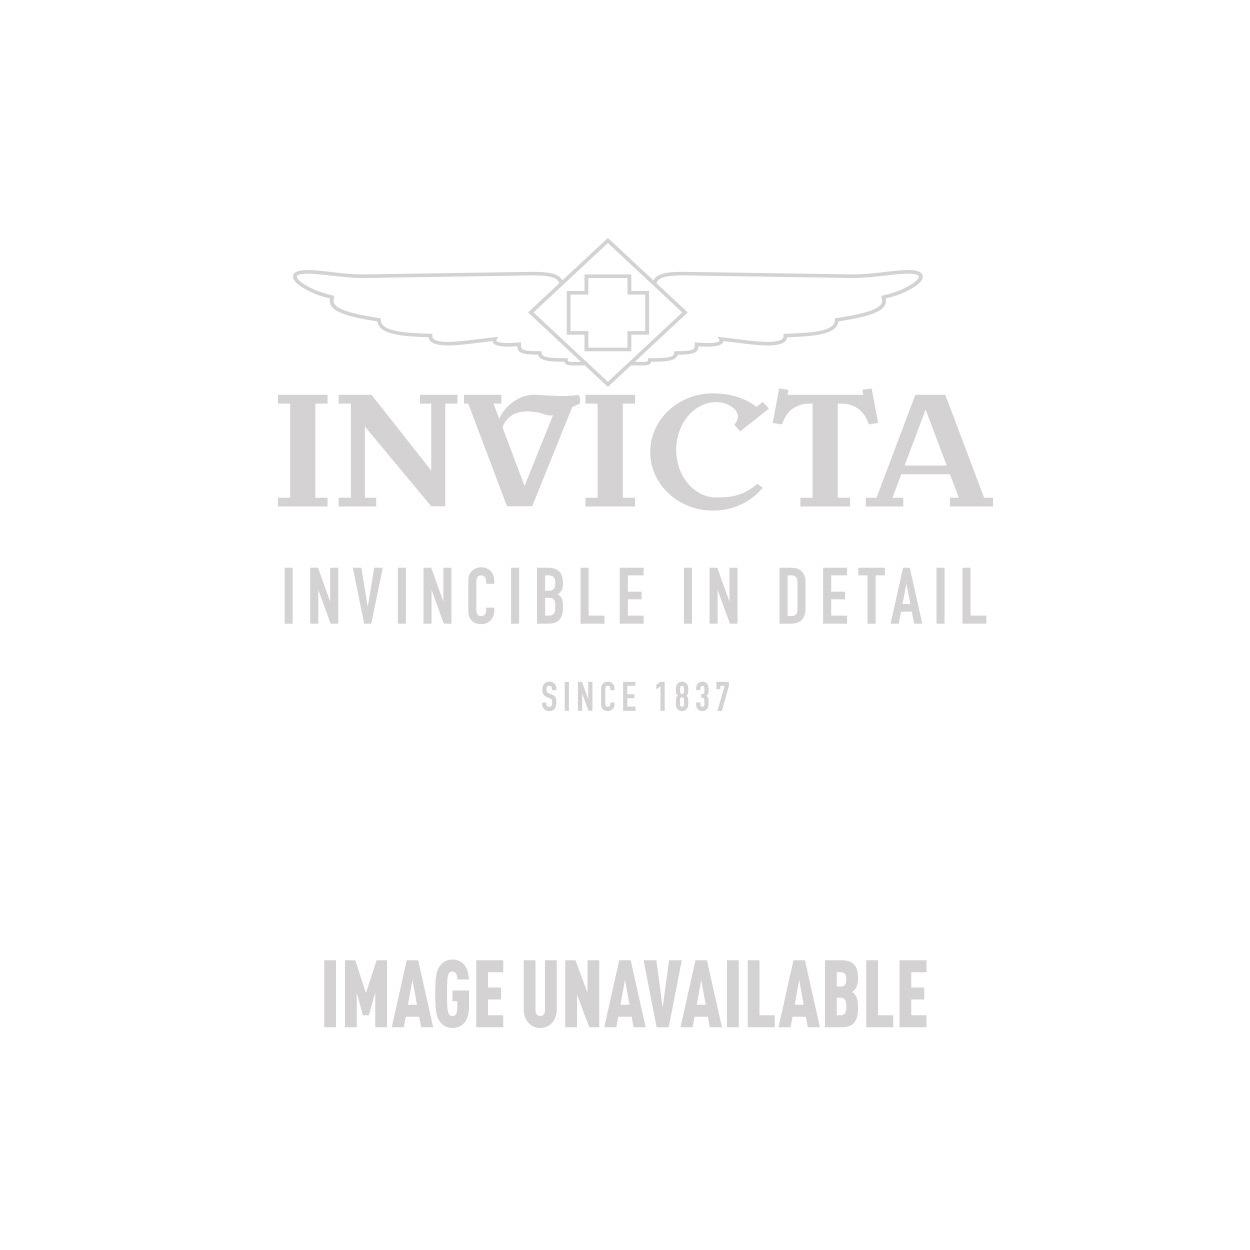 Invicta Model 29101